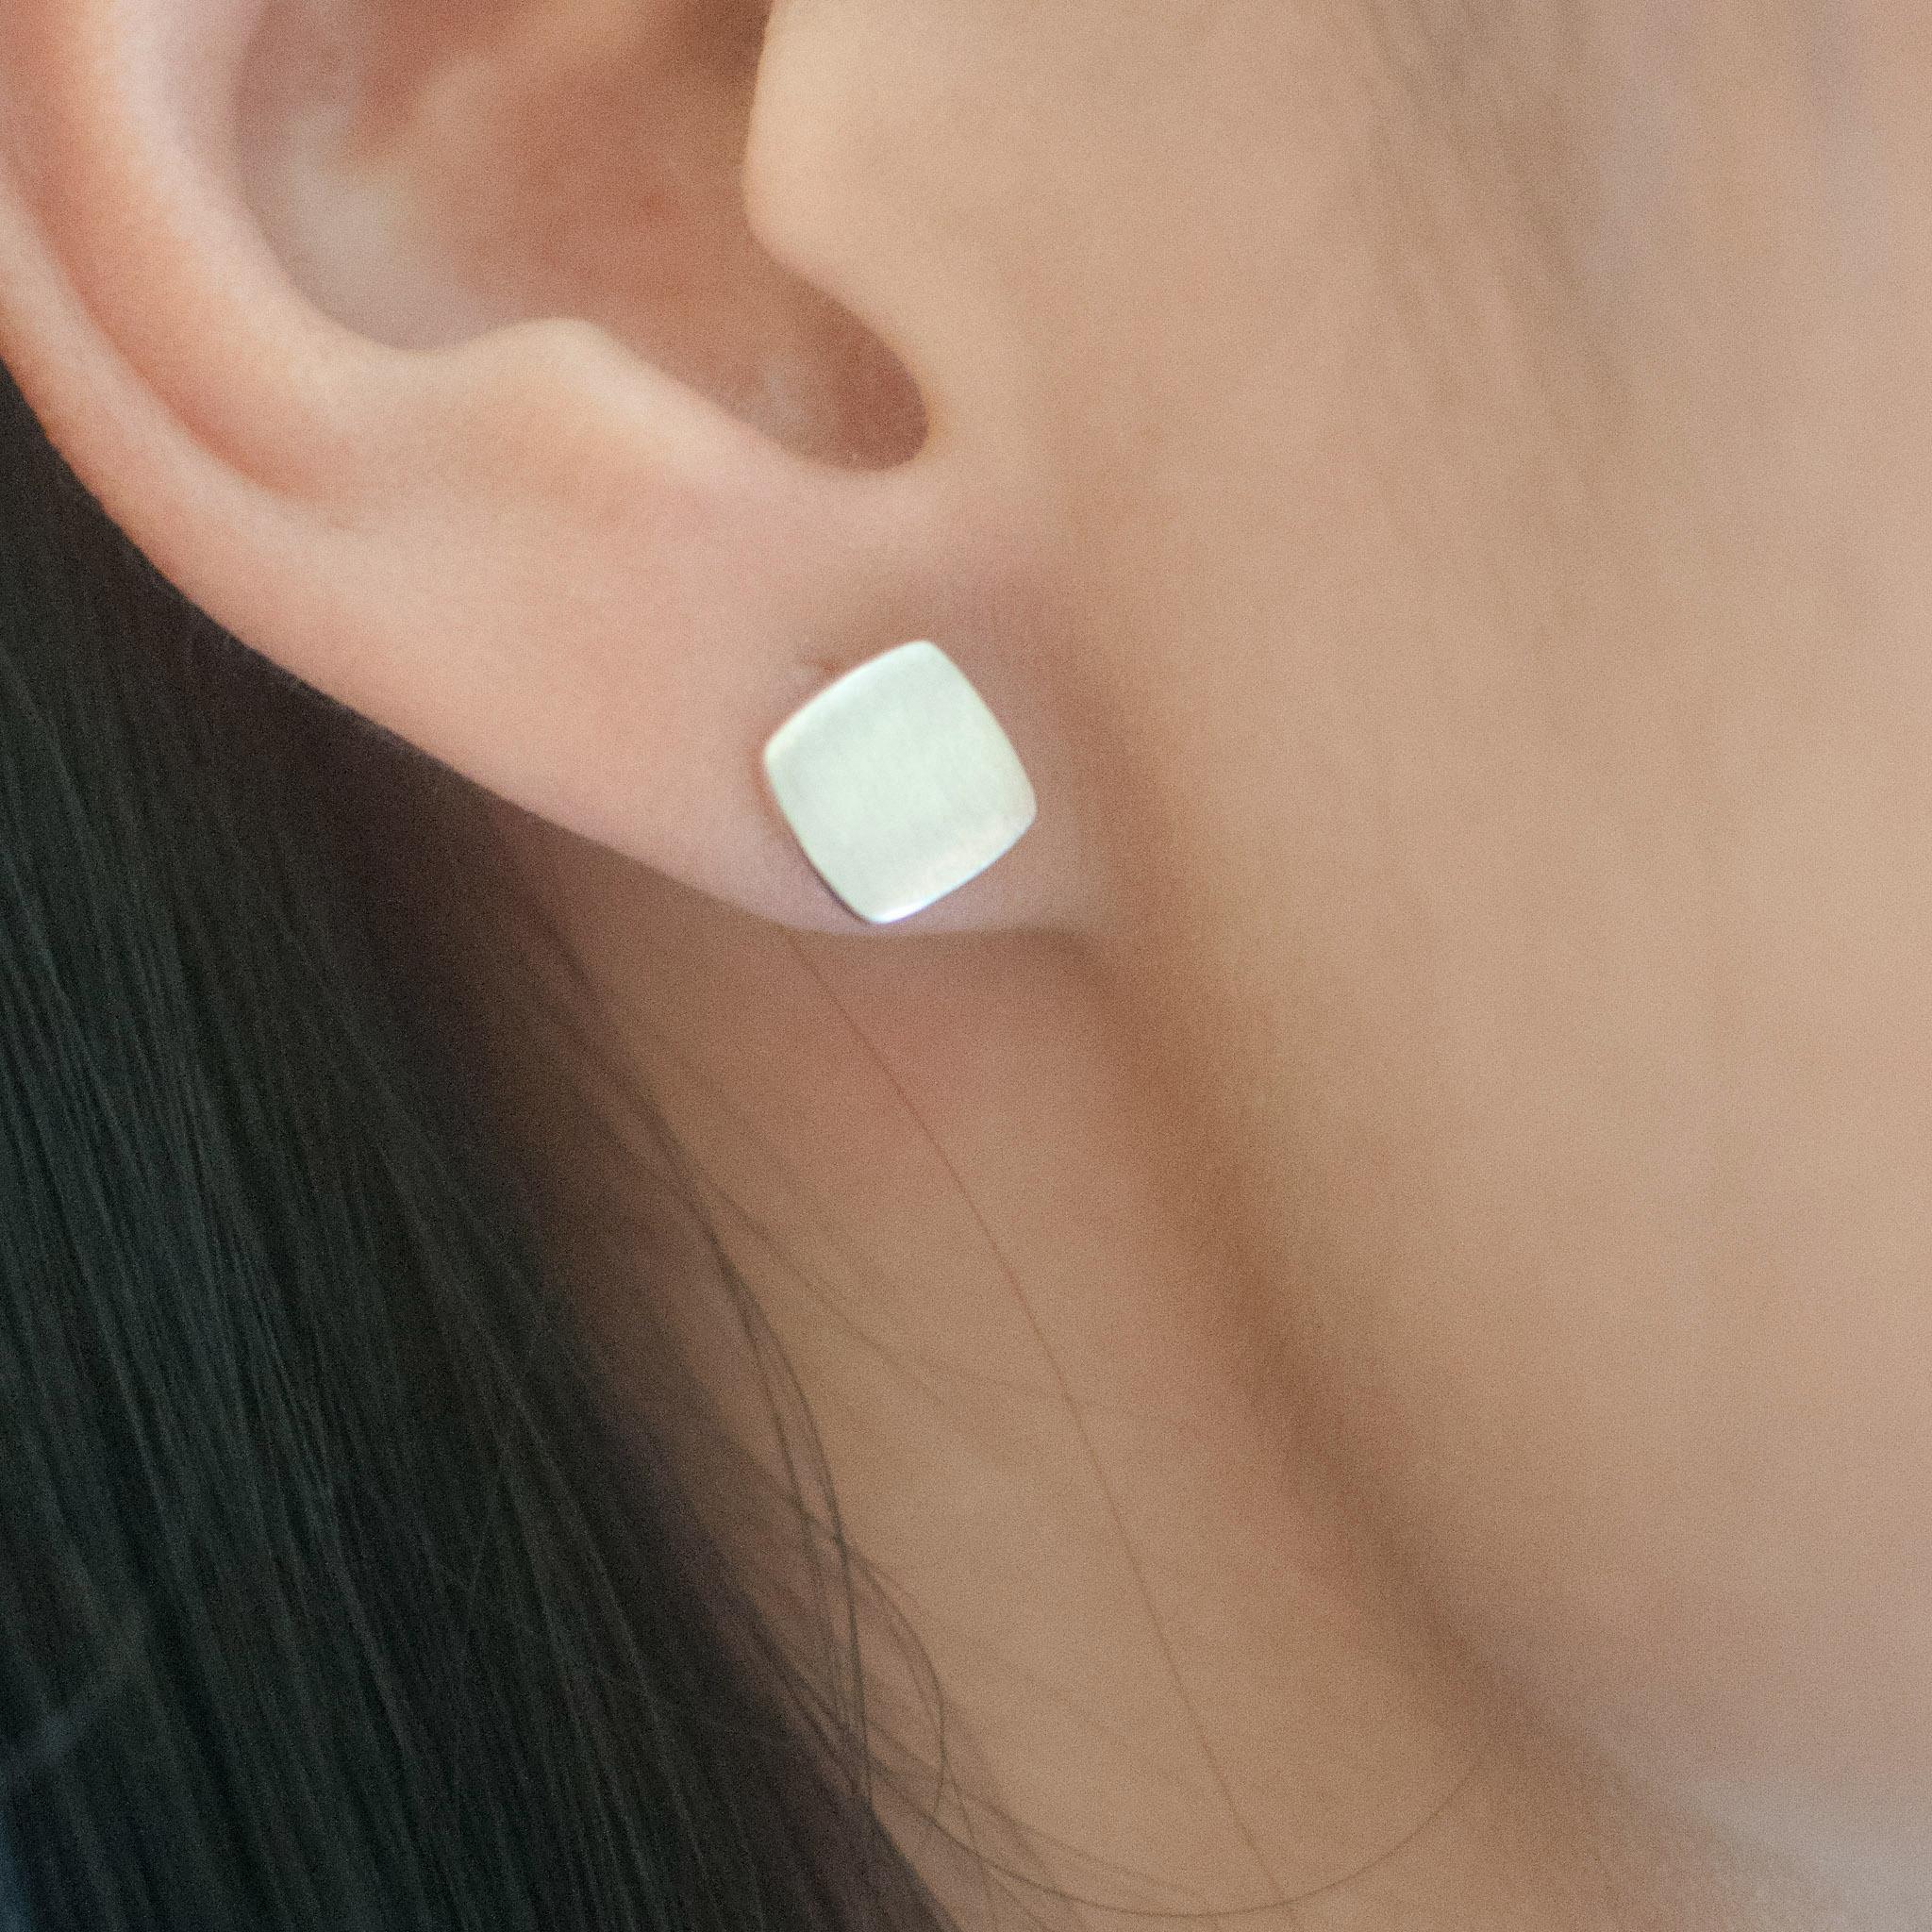 7mm Square Stud Earrings Sterling Silver Metal Earrings, Wedding Earrings  Bridesmaid Earring Vintage Fashion Earrings